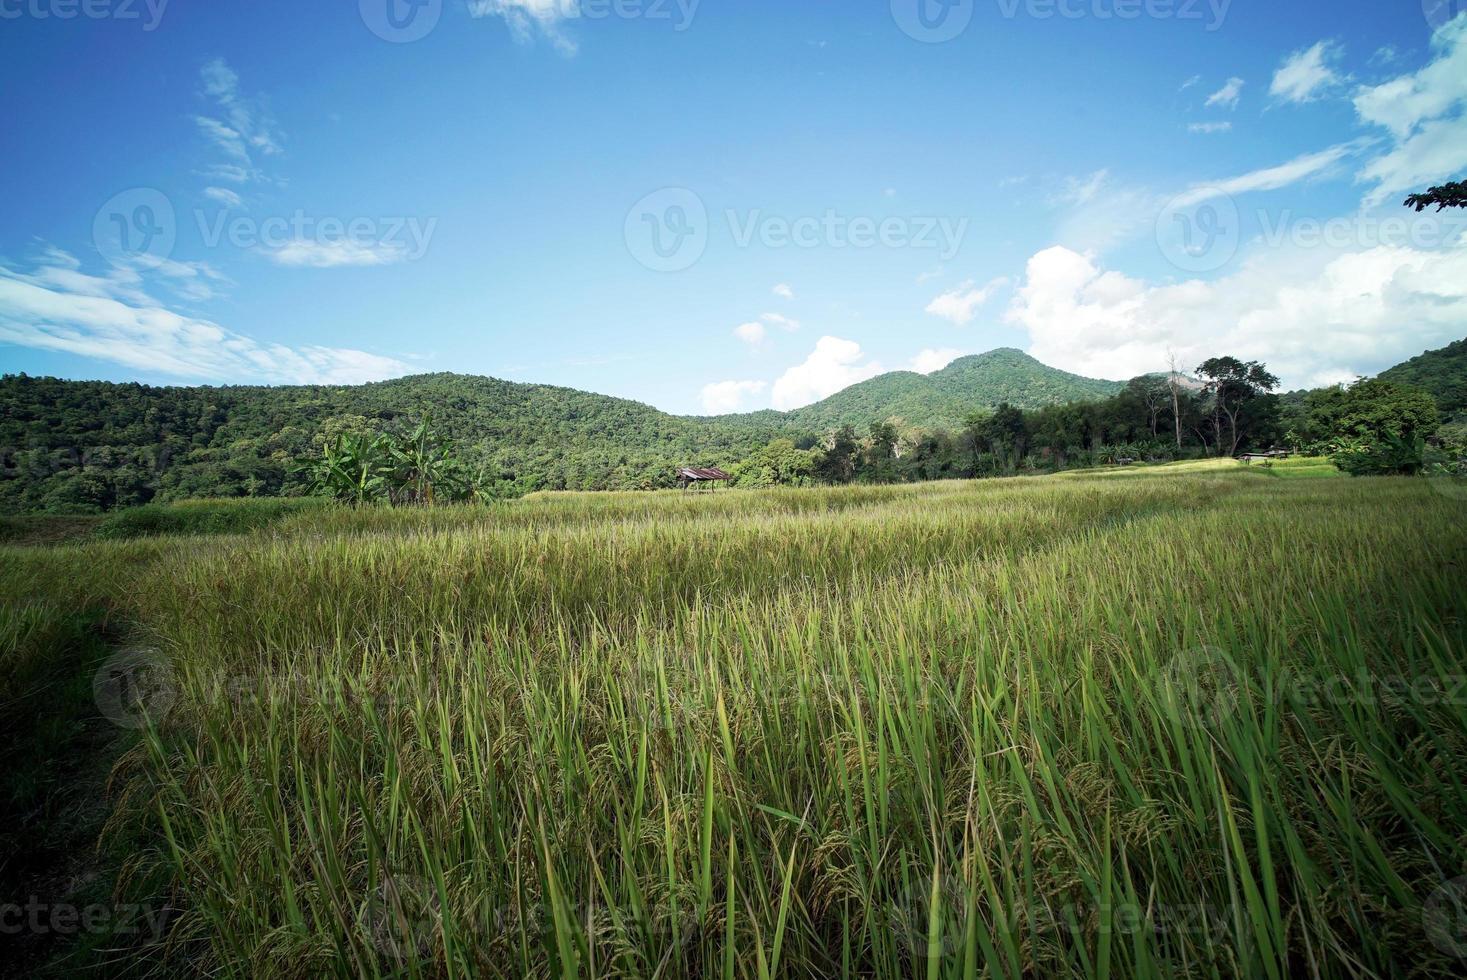 plantação de arroz foto